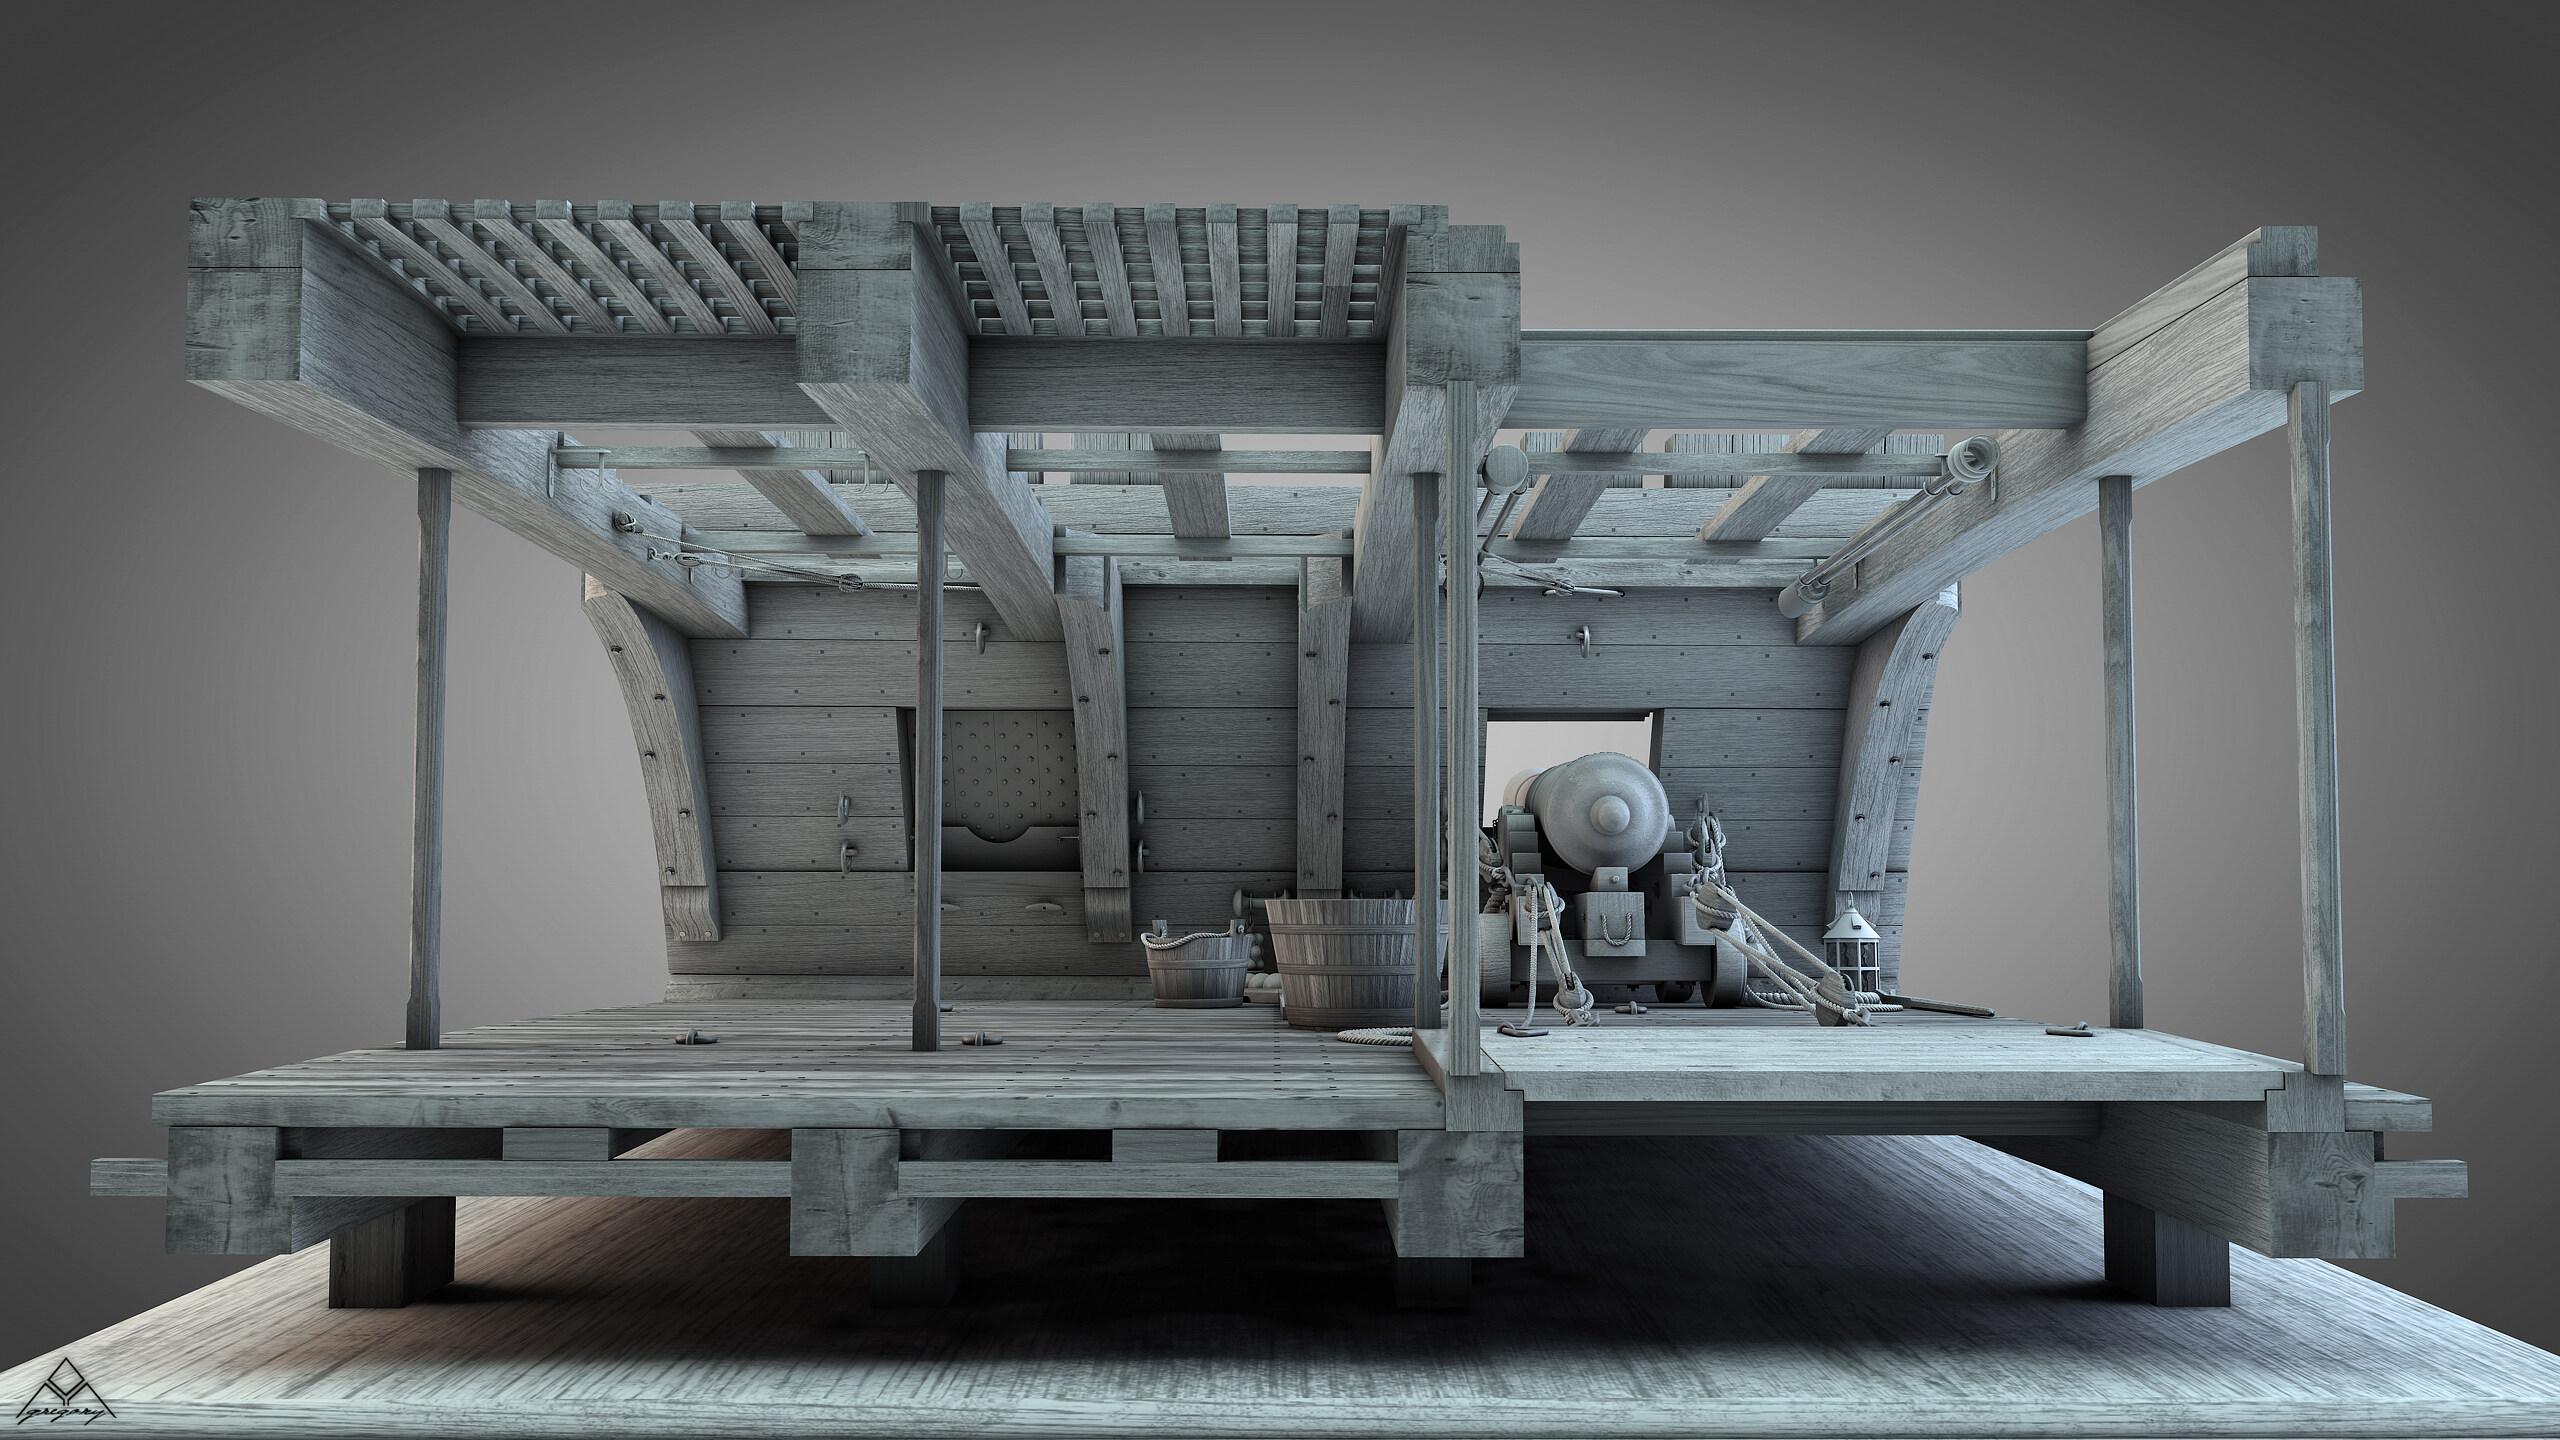 Canons de vaisseau 74 canons (Création 3D) par Greg_3D - Page 9 Gregor56